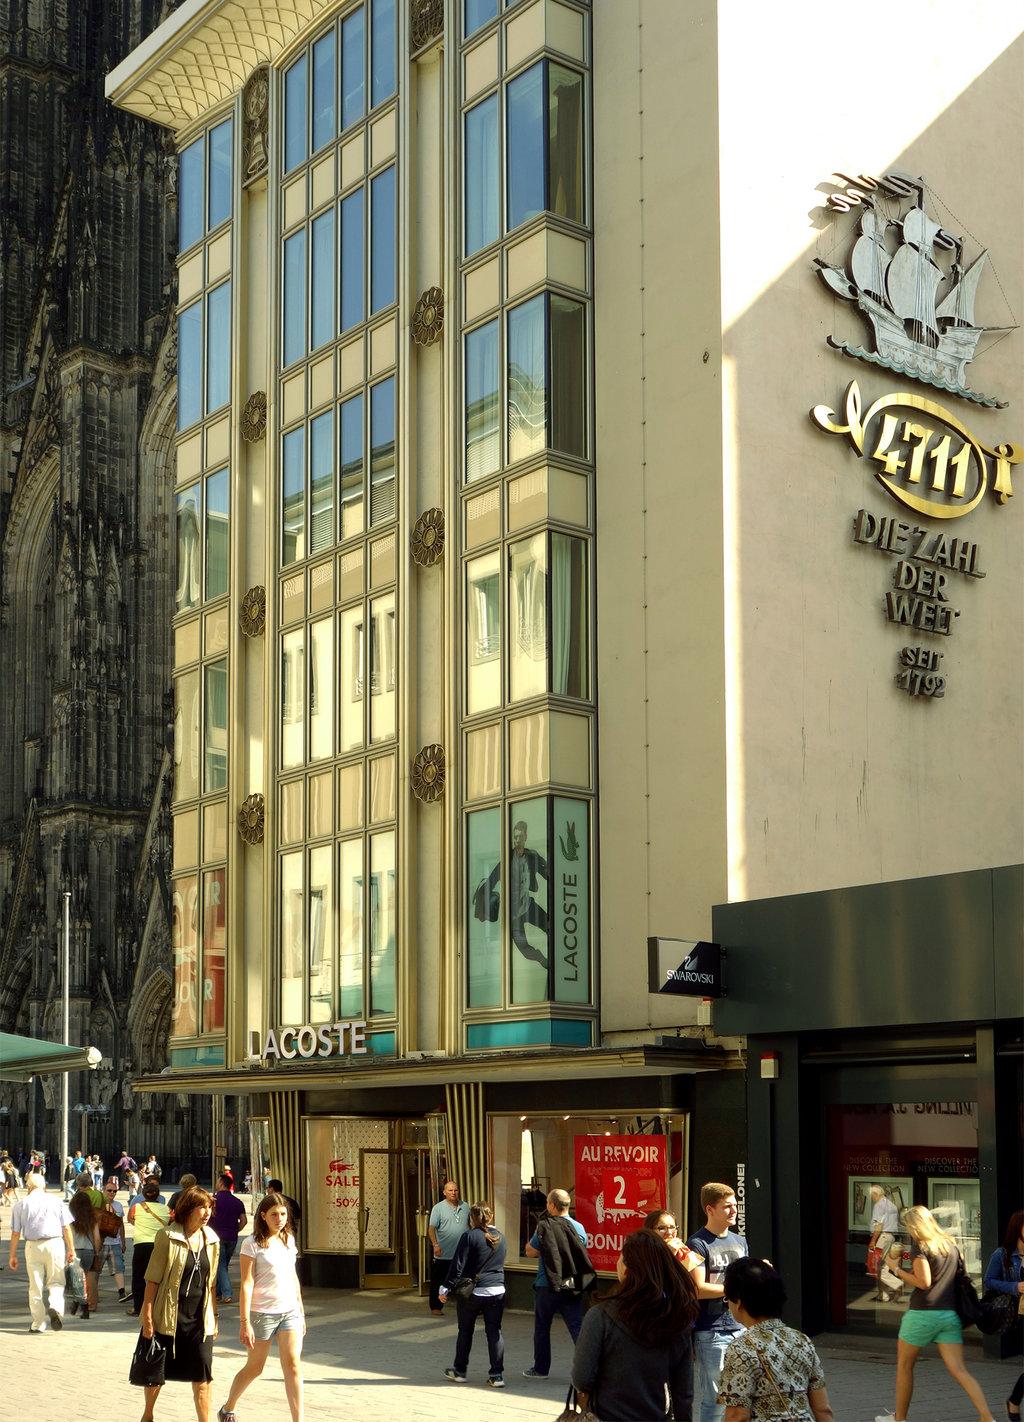 Une Journu00e9e U00e0 Cologne Les Meilleurs Endroits Pour Manger Et Faire Du Shopping